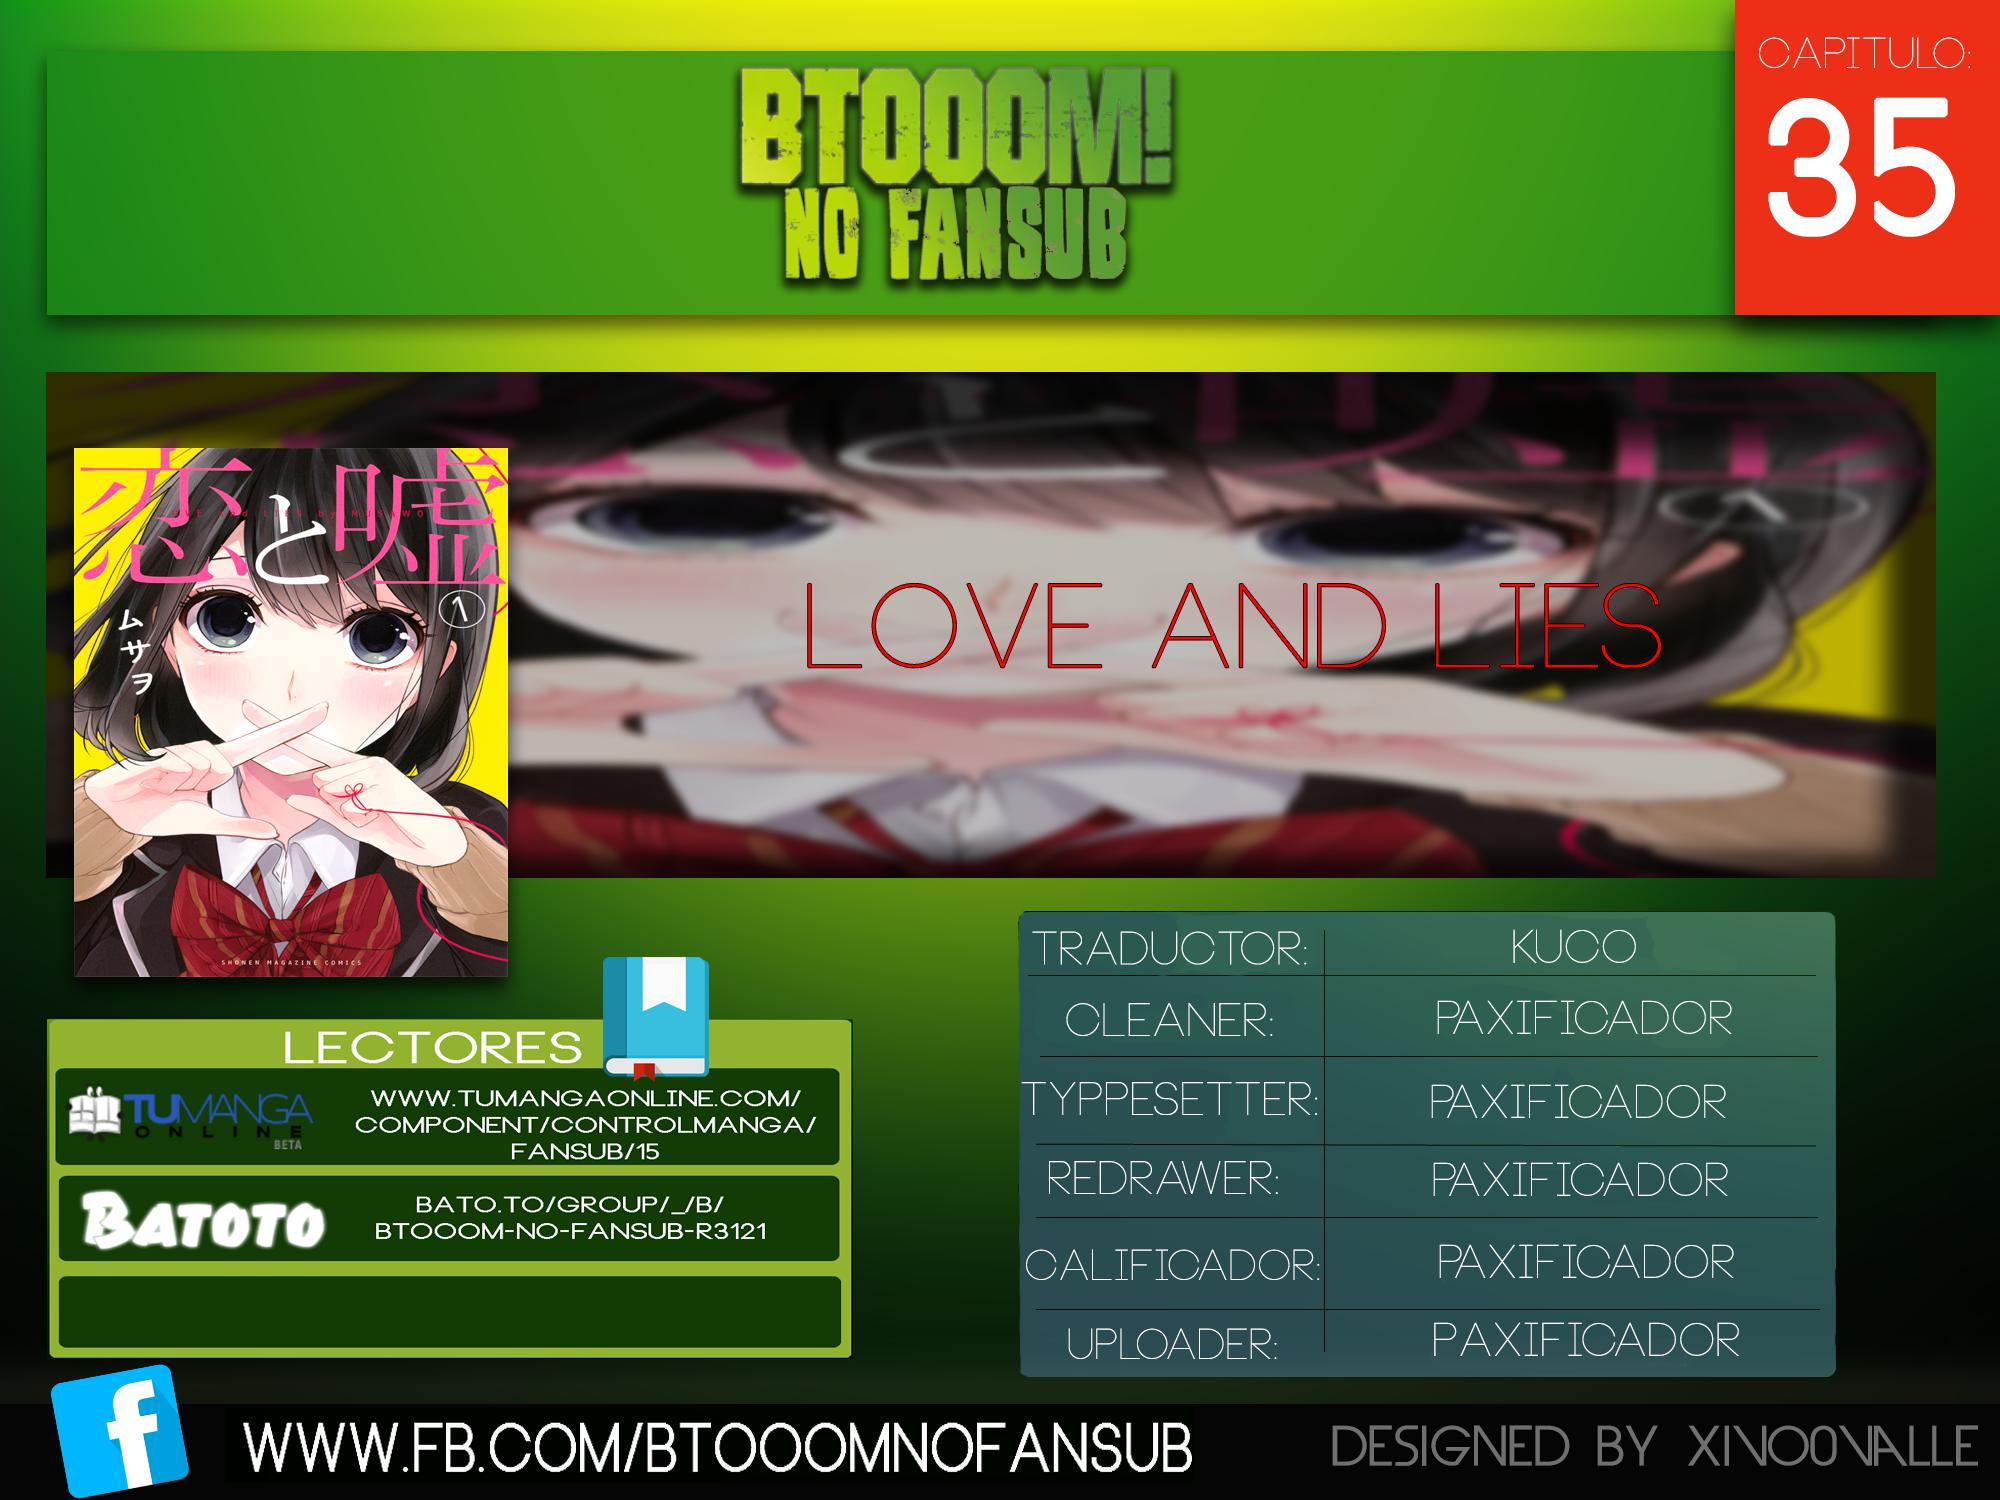 http://c5.ninemanga.com/es_manga/14/14734/361016/ad7ae181409d1089f4c6eed63d364081.jpg Page 1